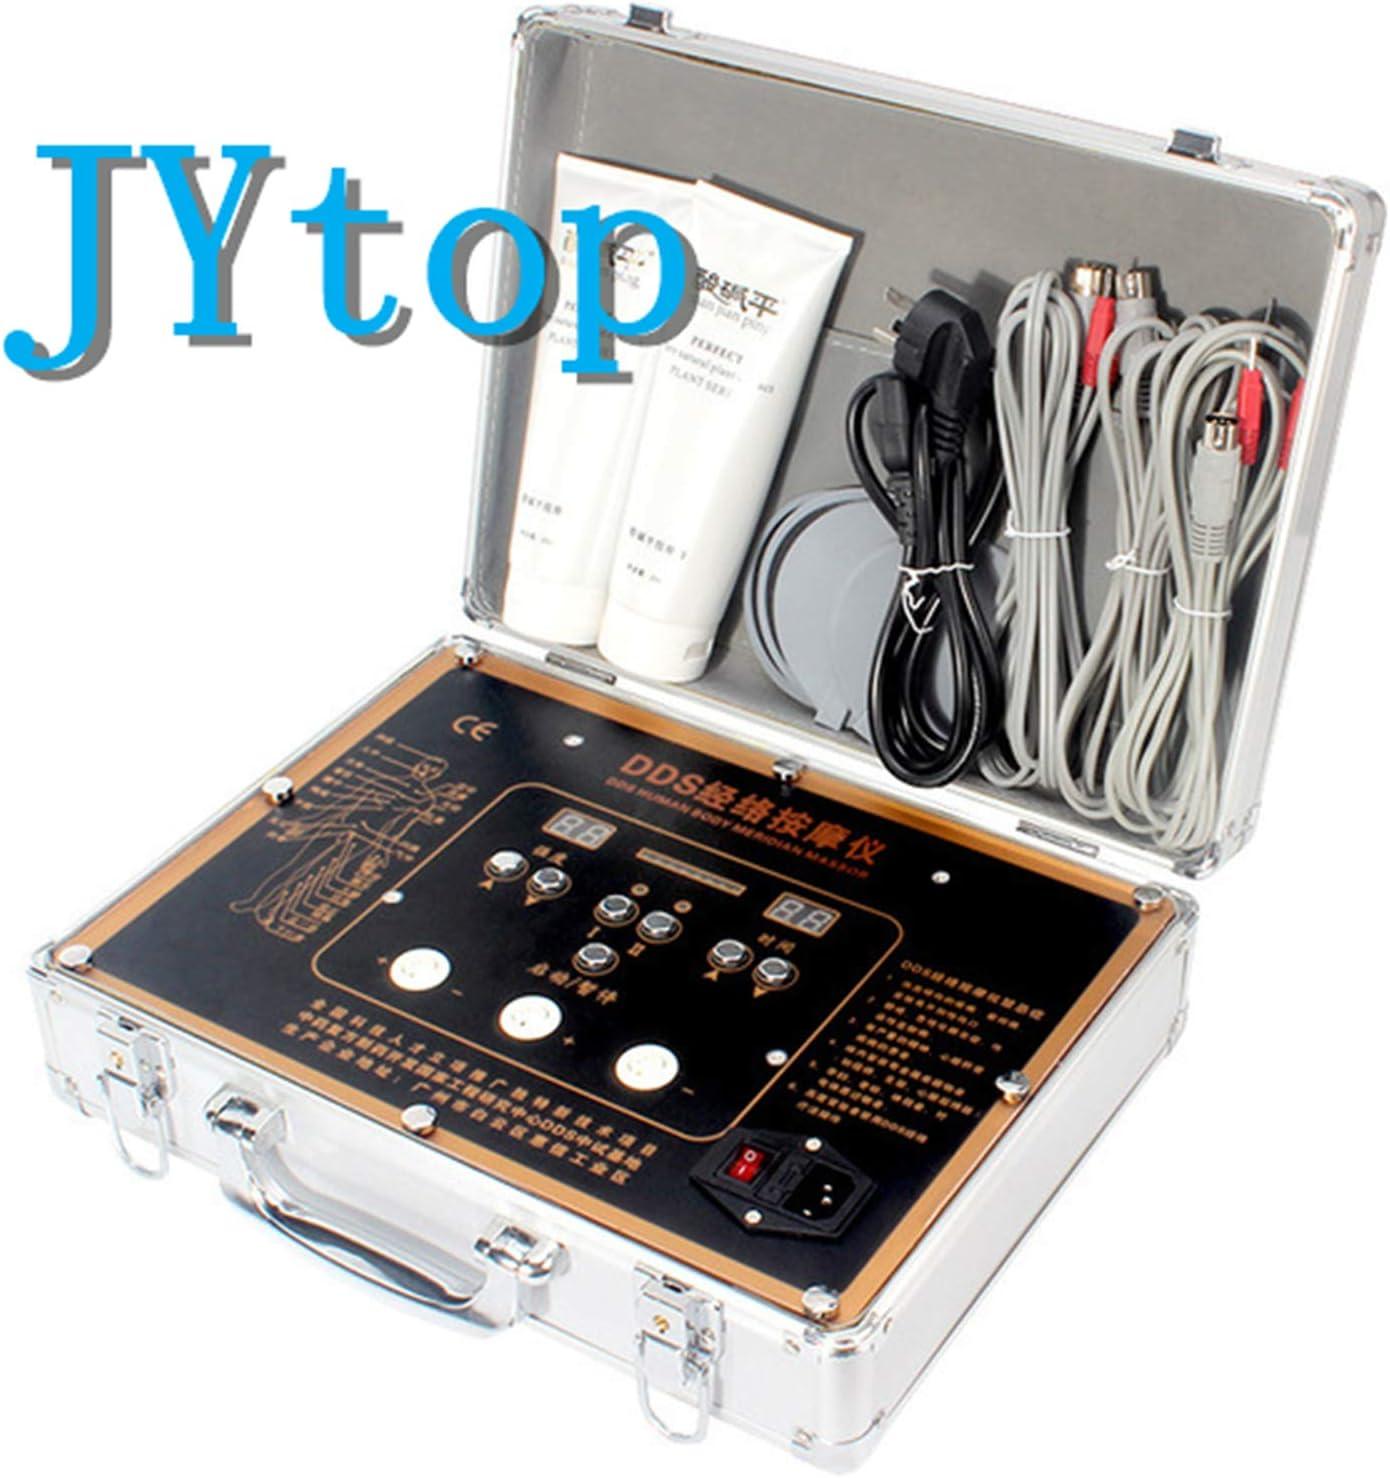 JYtop 2019新しいDDS酸とアルカリフラット生体電気治療器械多機能理学療法器械家庭理学療法器器電気治療器